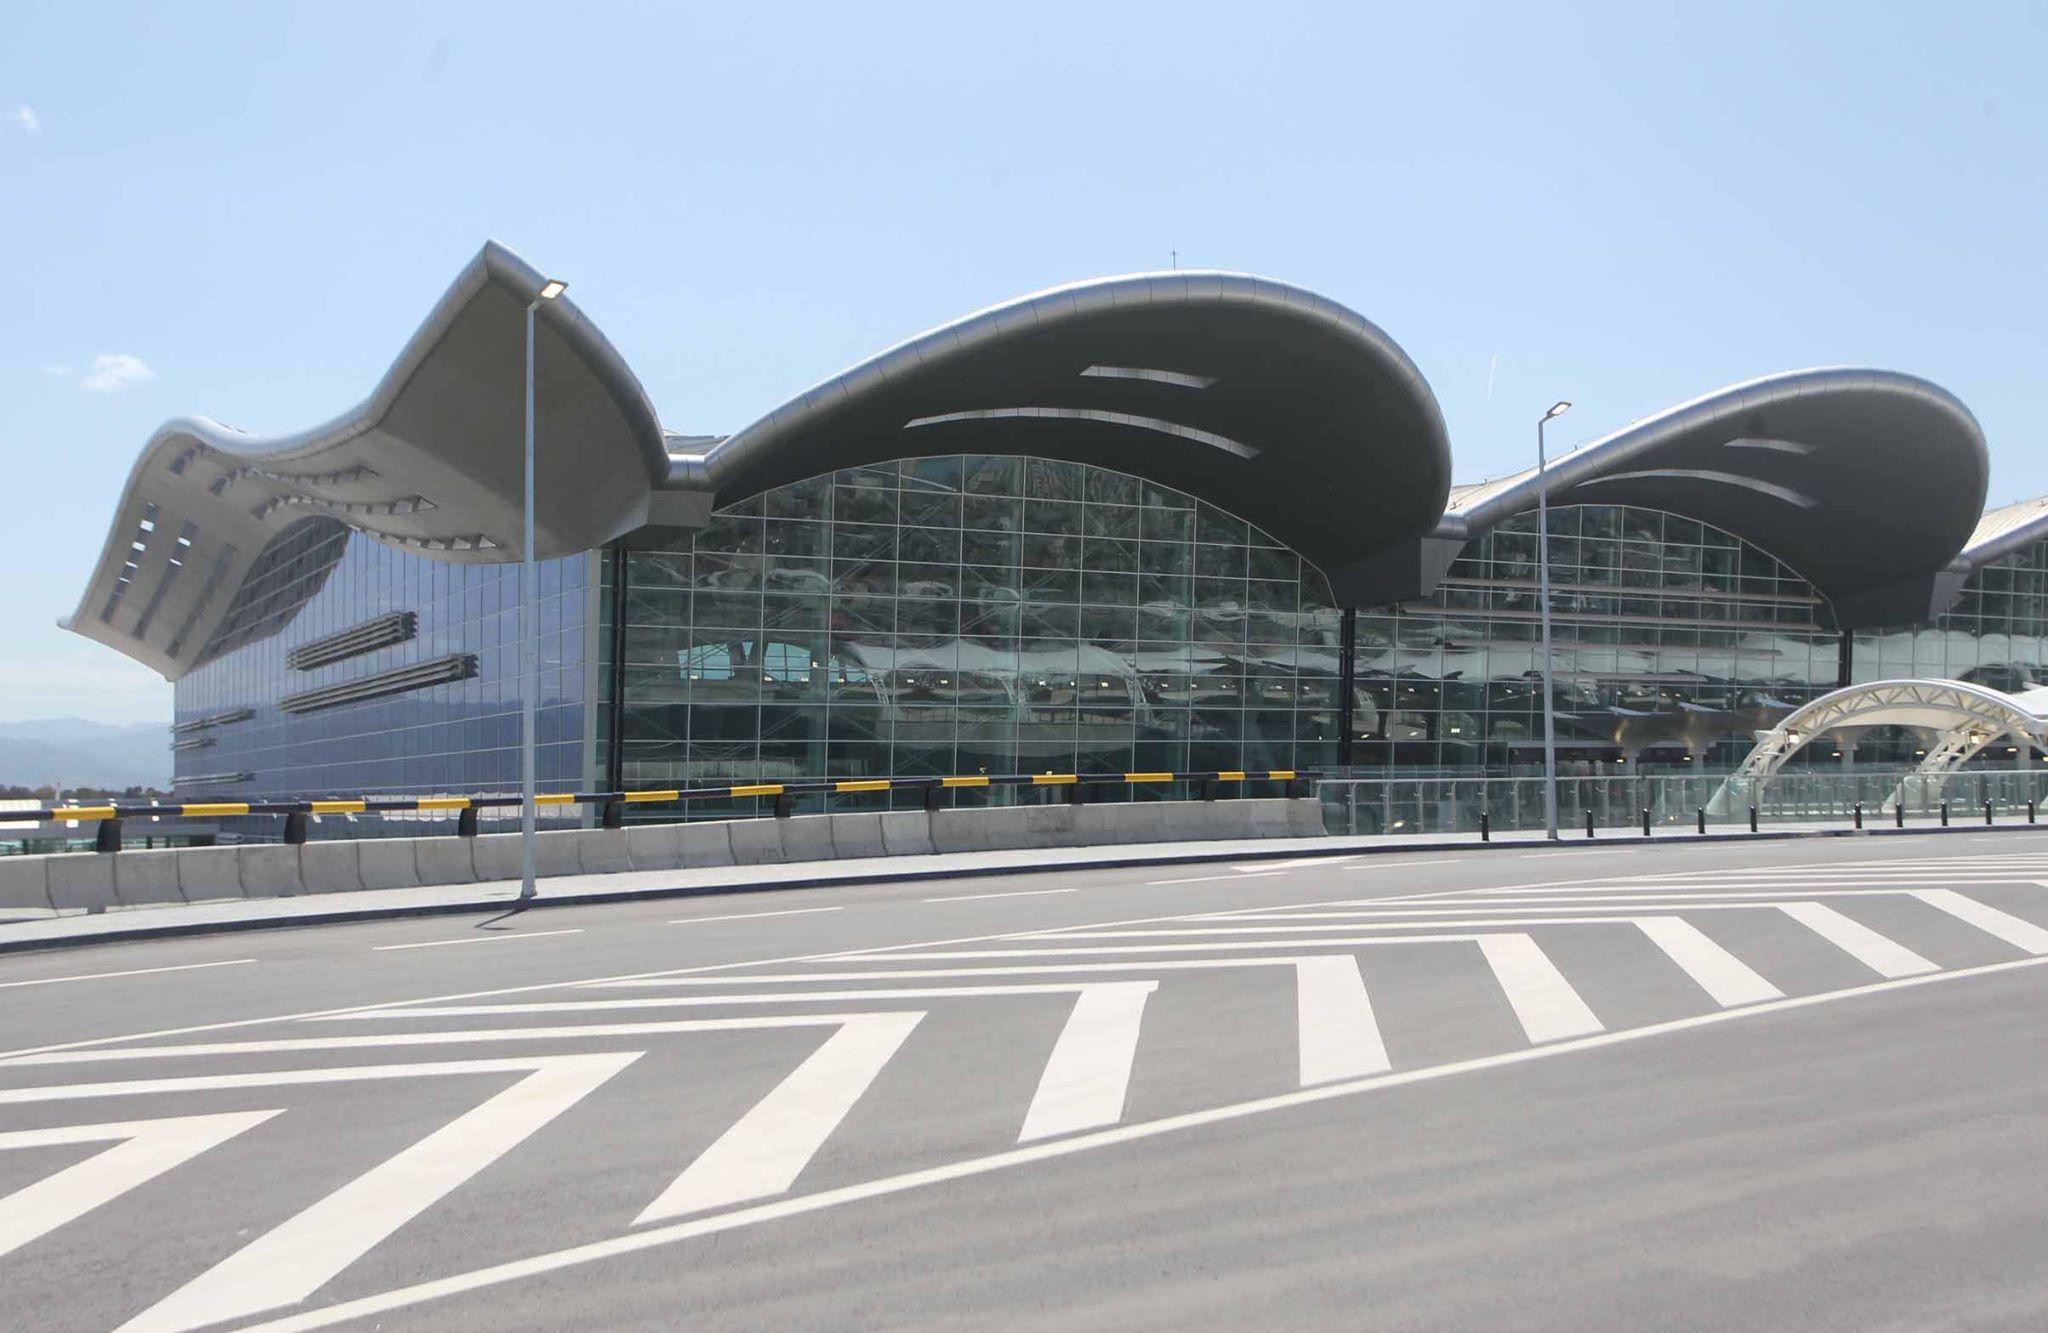 أرقام ومعلومات عن مطار الجزائر الجديد (فيديو)